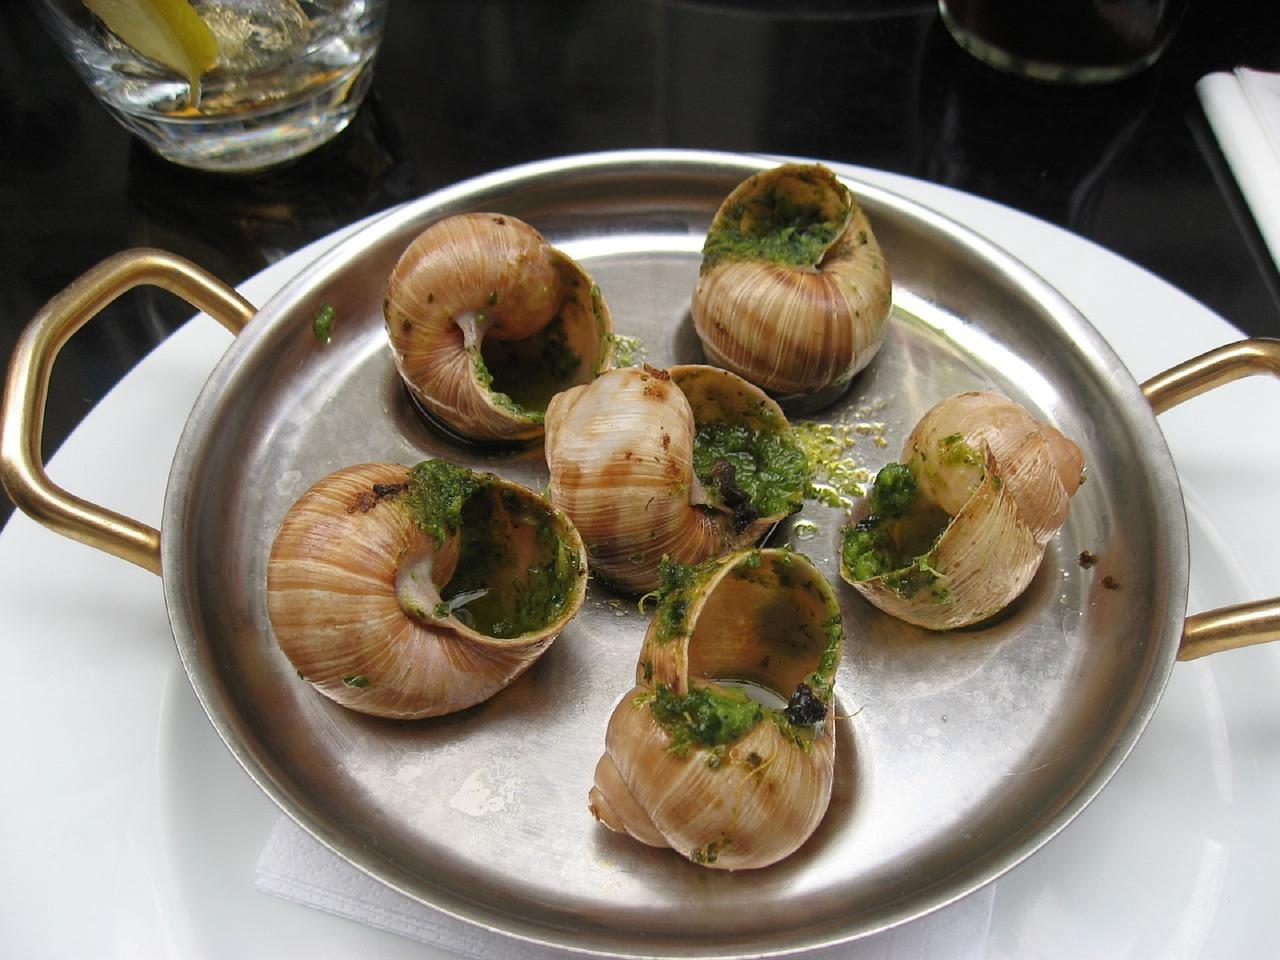 エスカルゴの栄養とおすすめレシピ、食品成分表